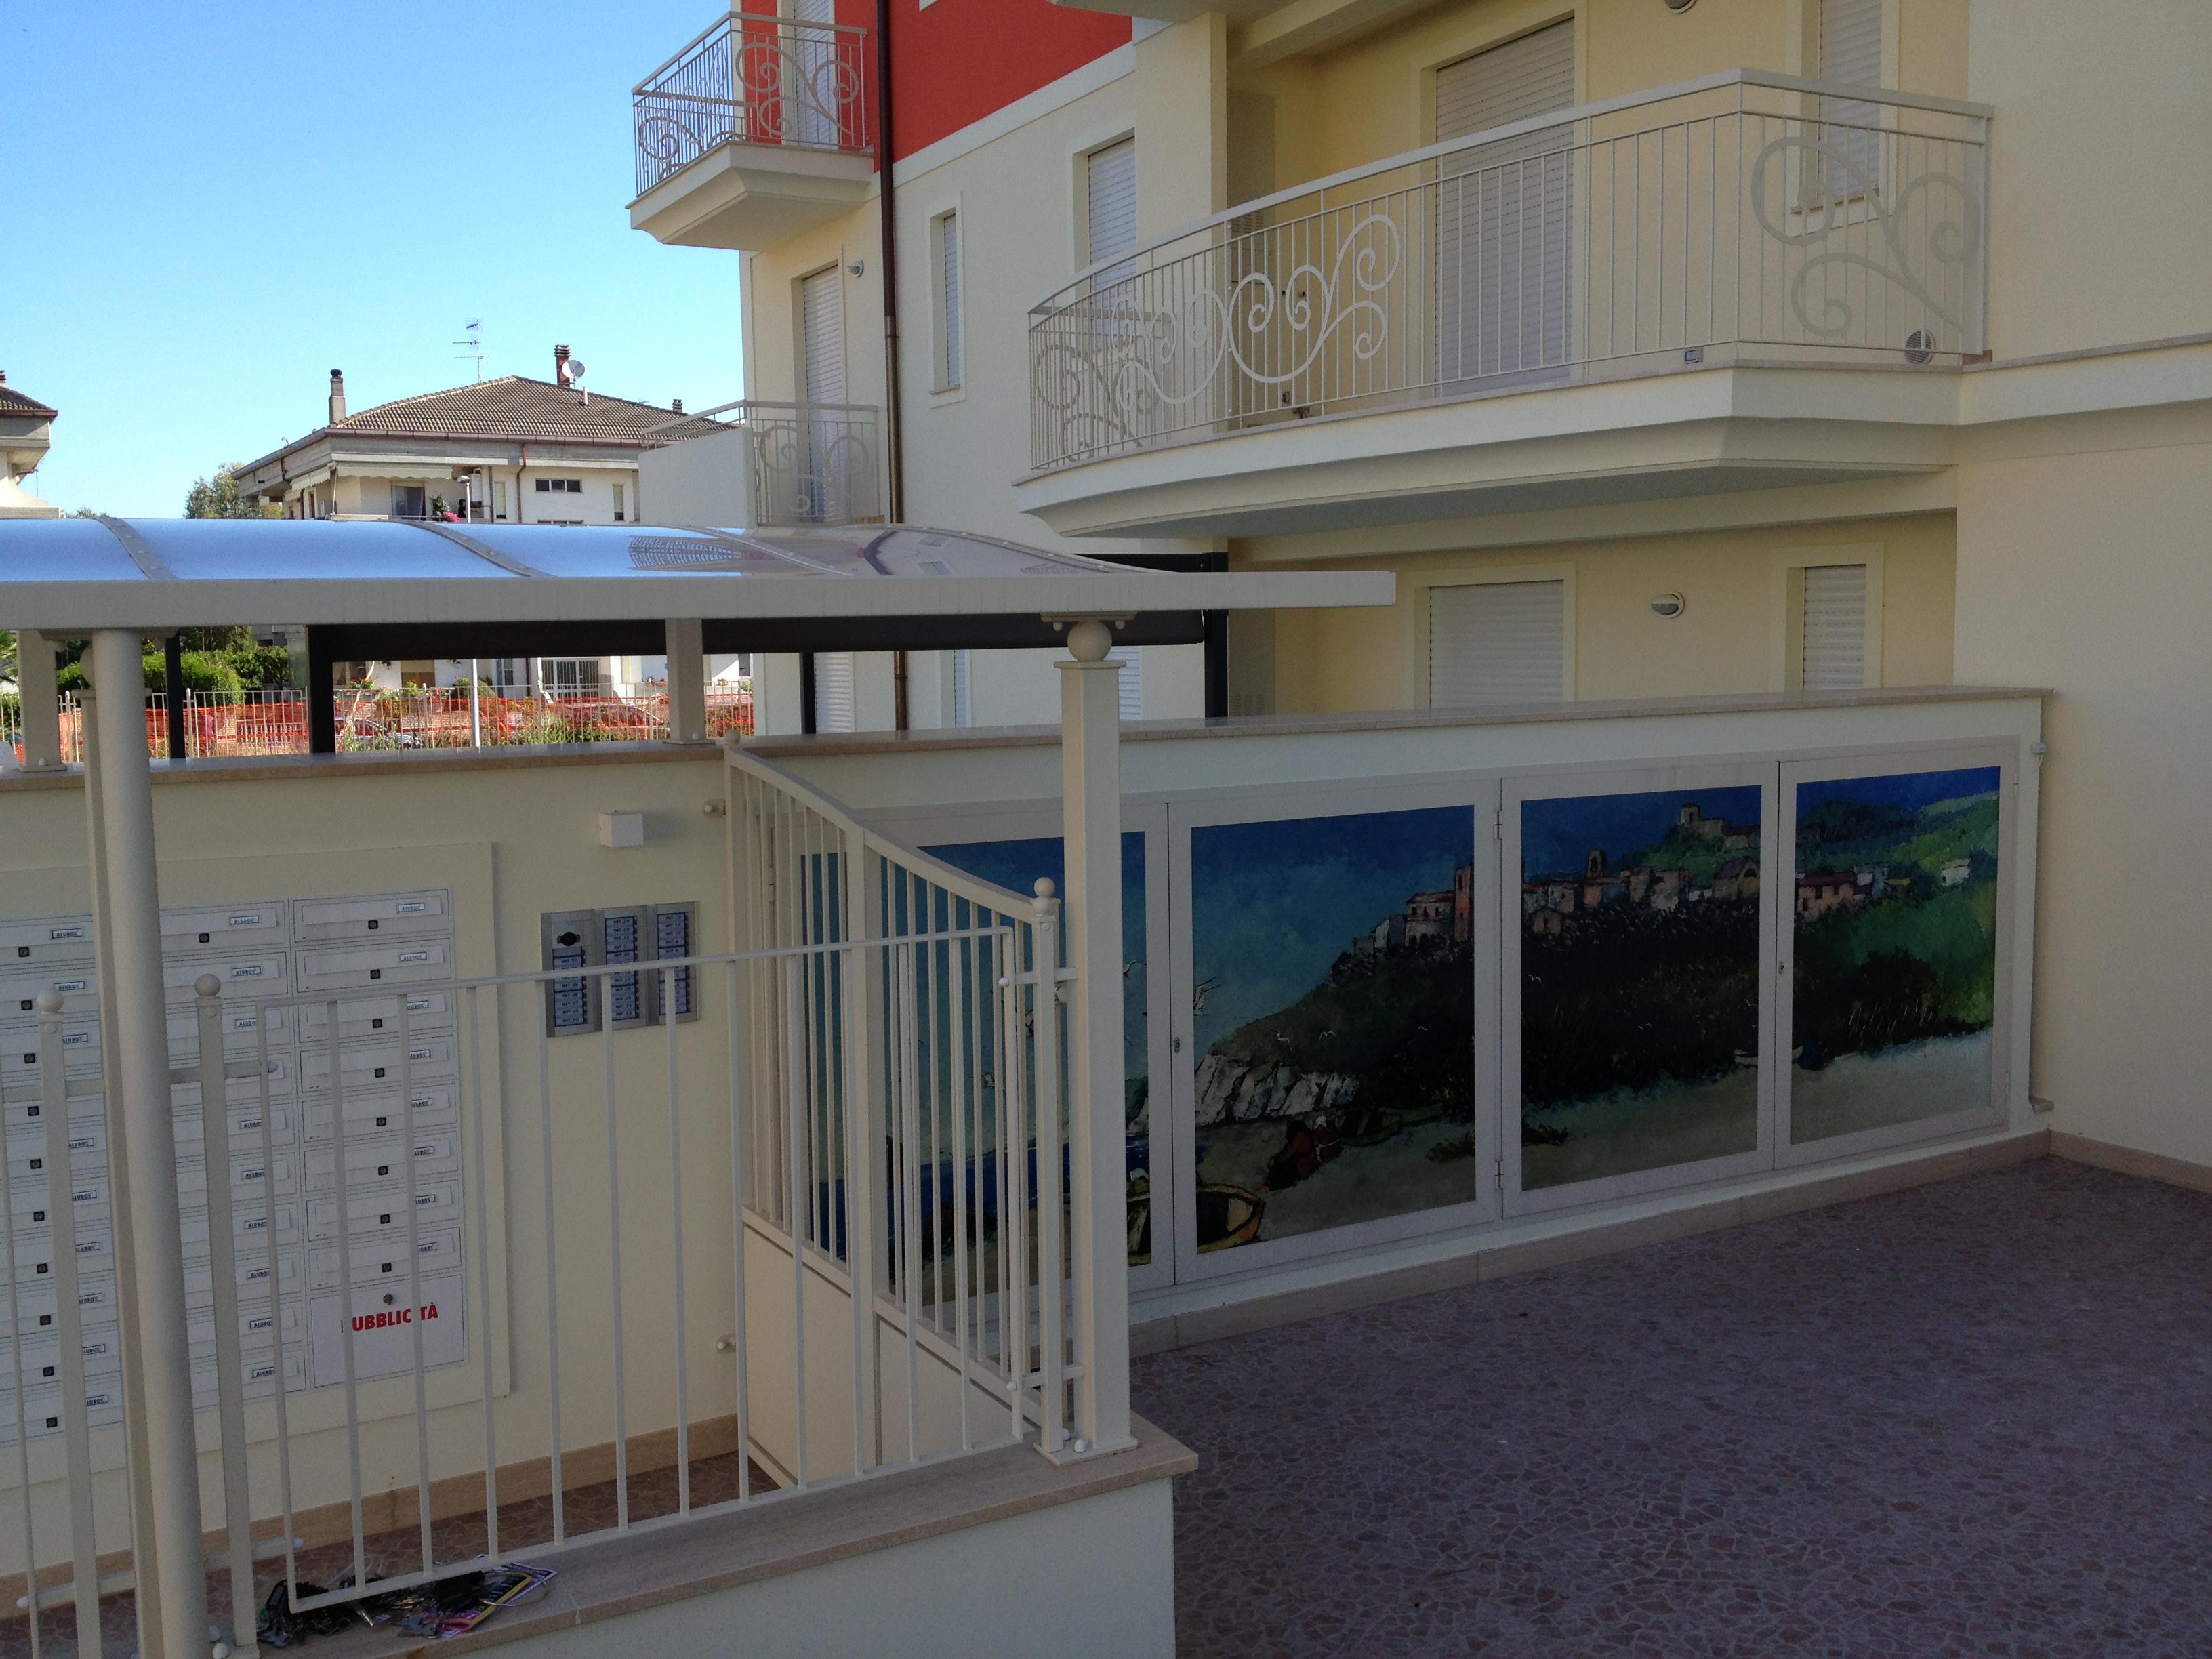 Appartamento in vendita a Alba Adriatica, 9999 locali, zona Località: Centrale, prezzo € 168.500 | PortaleAgenzieImmobiliari.it